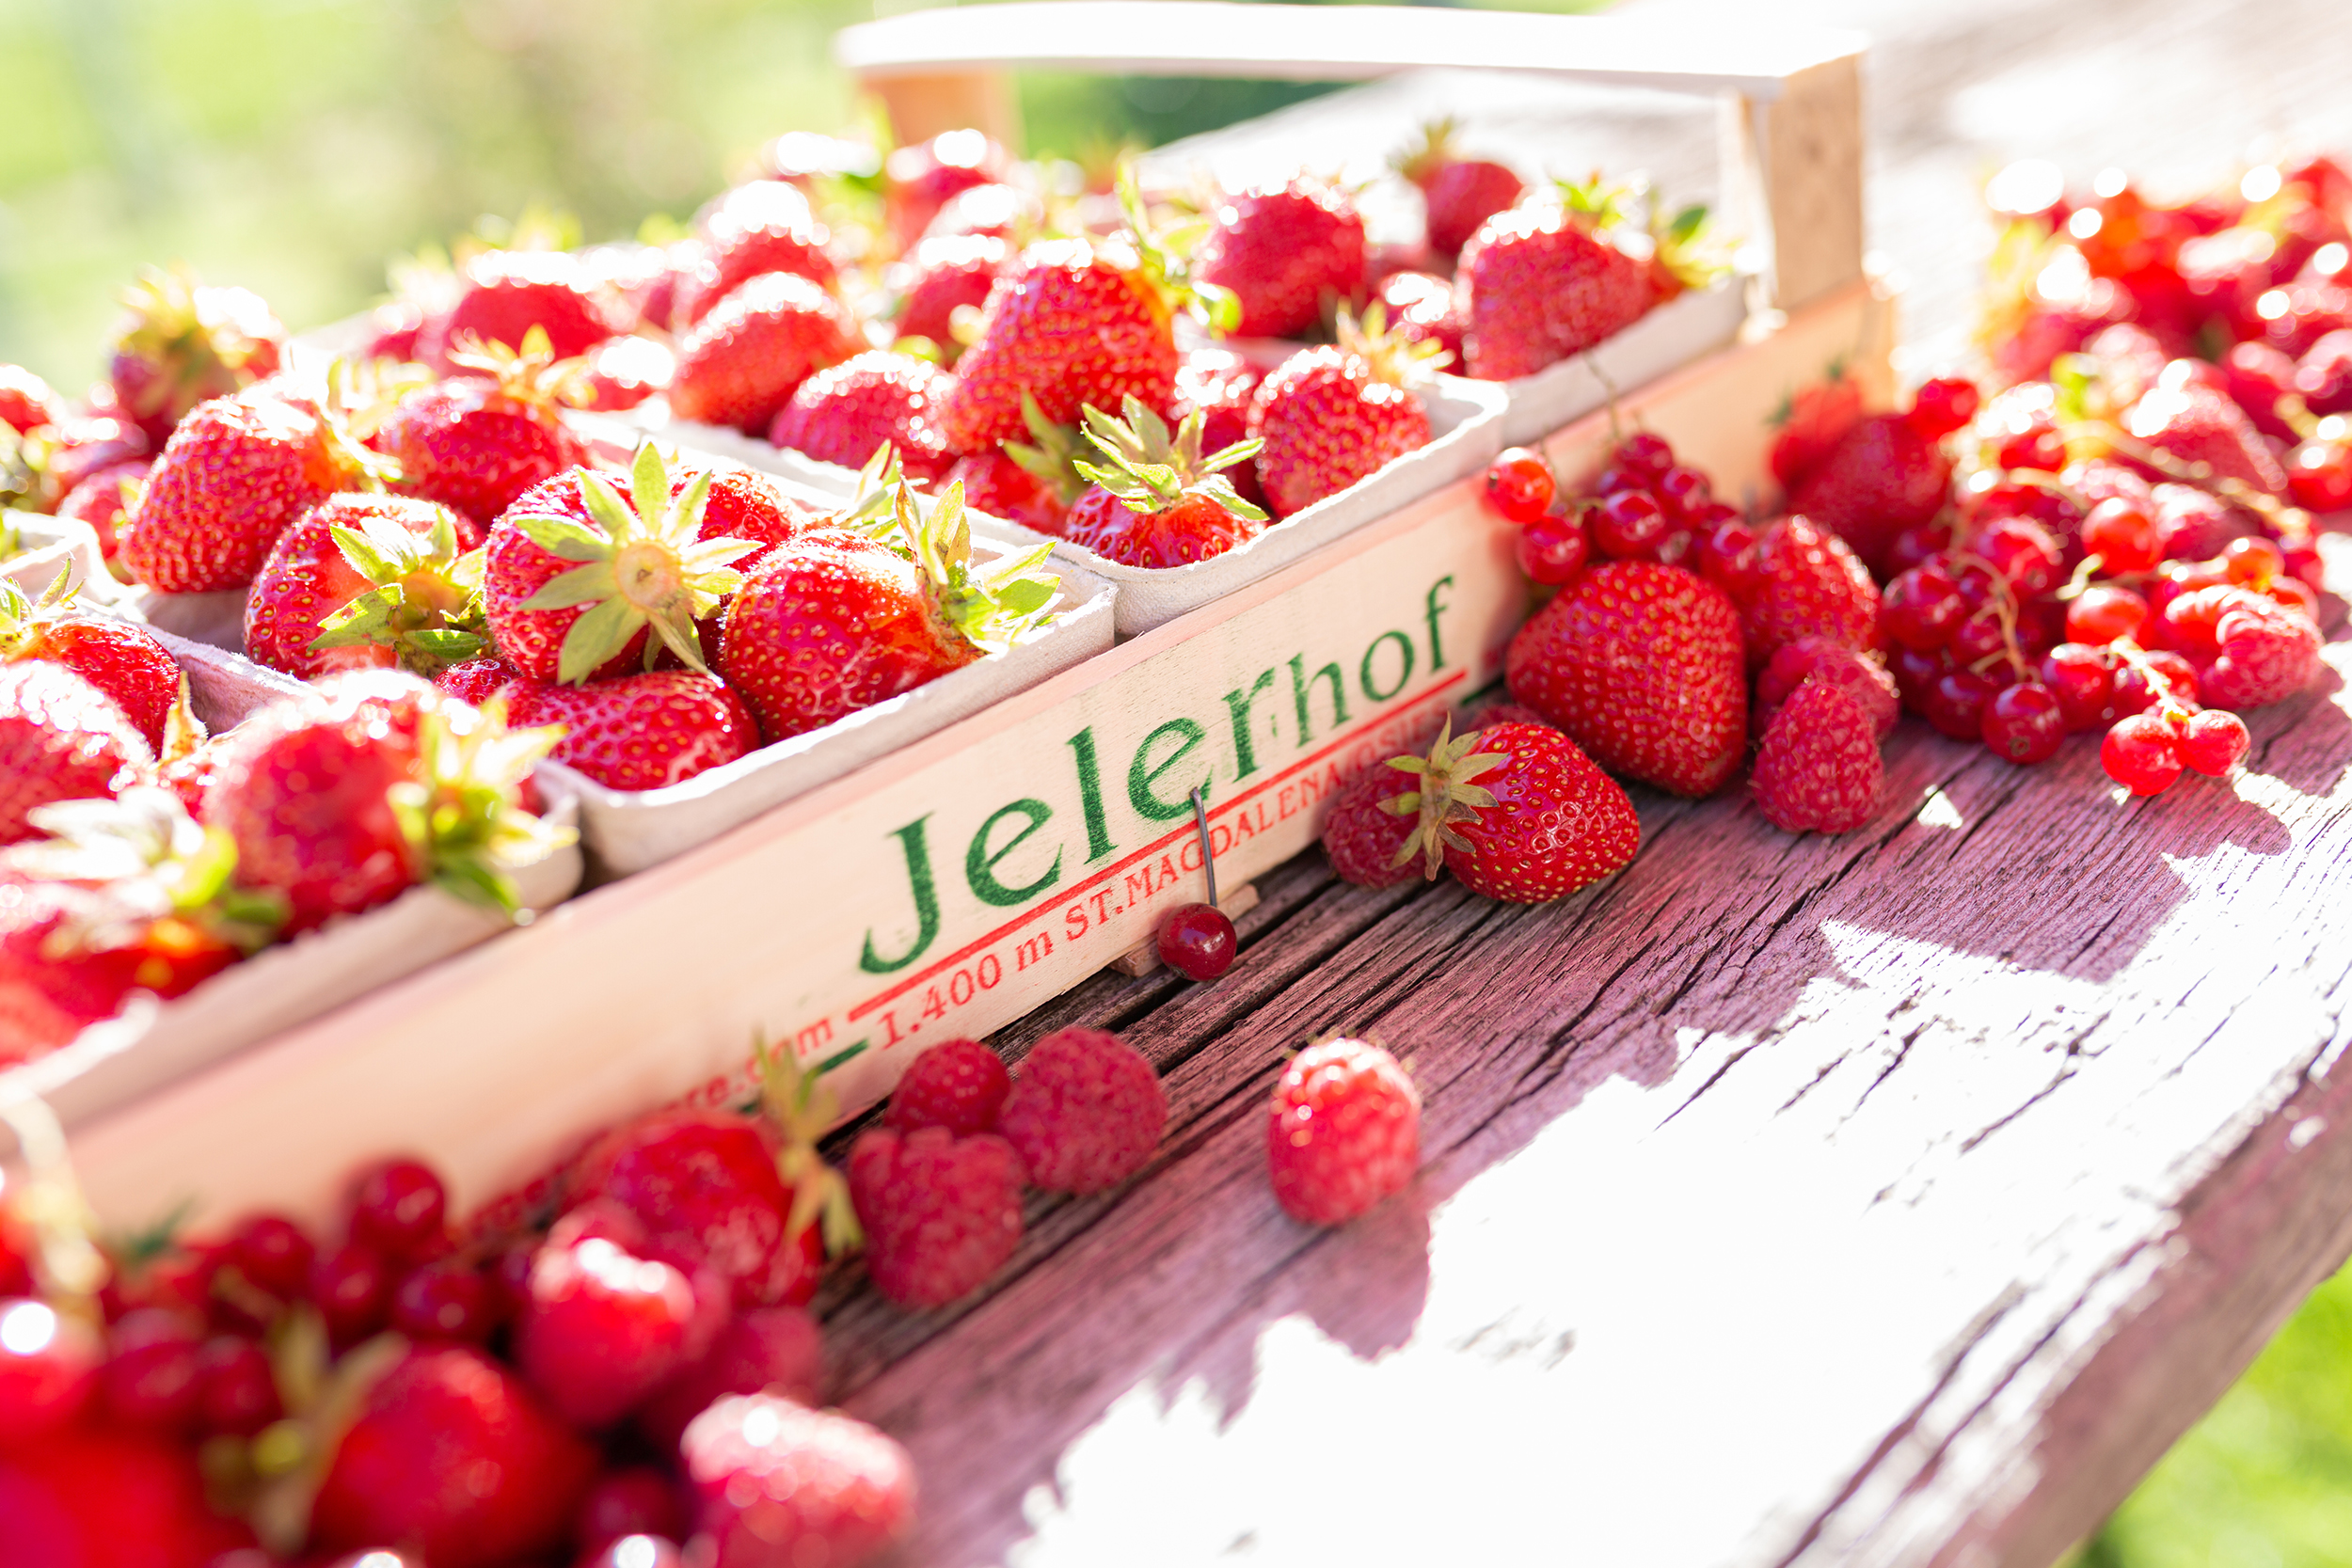 Bergerdbeeren vom Jelerhof